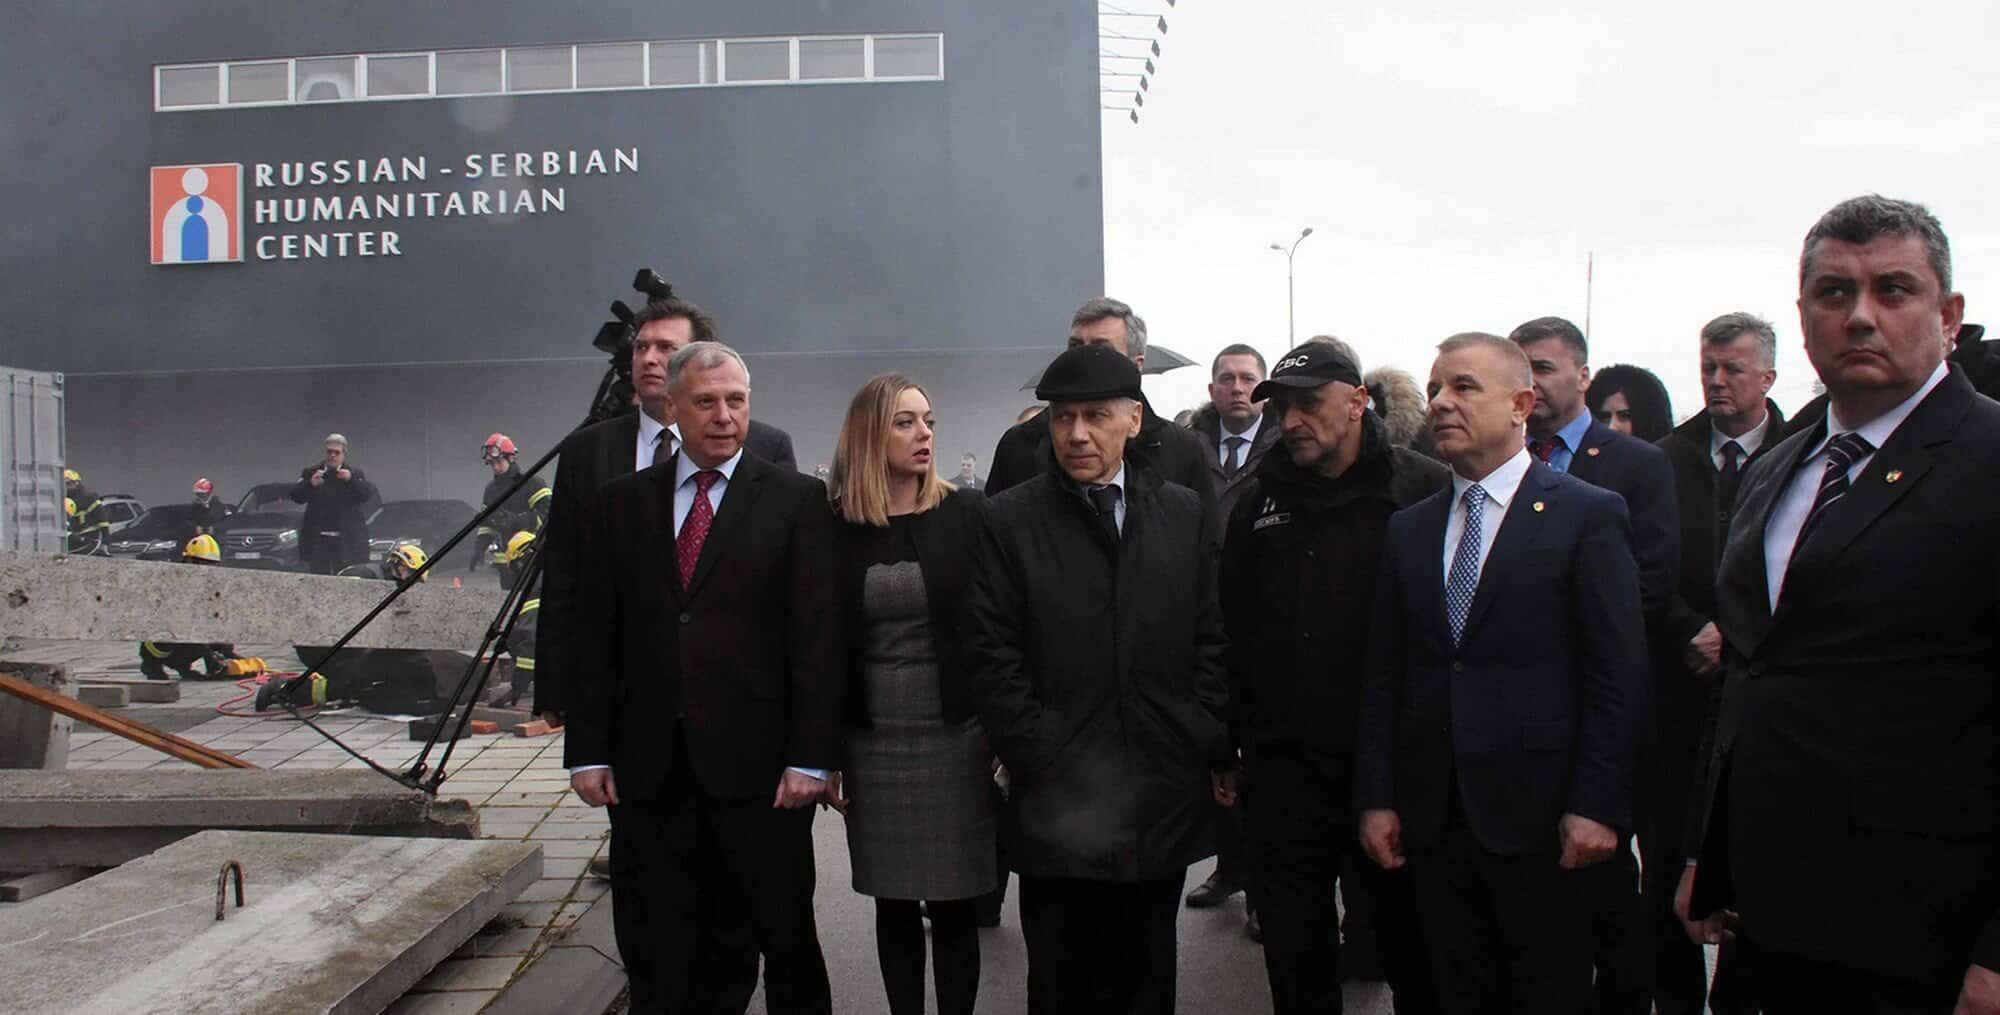 Une délégation russe en visite au Centre humanitaire serbo-russe en février 2020